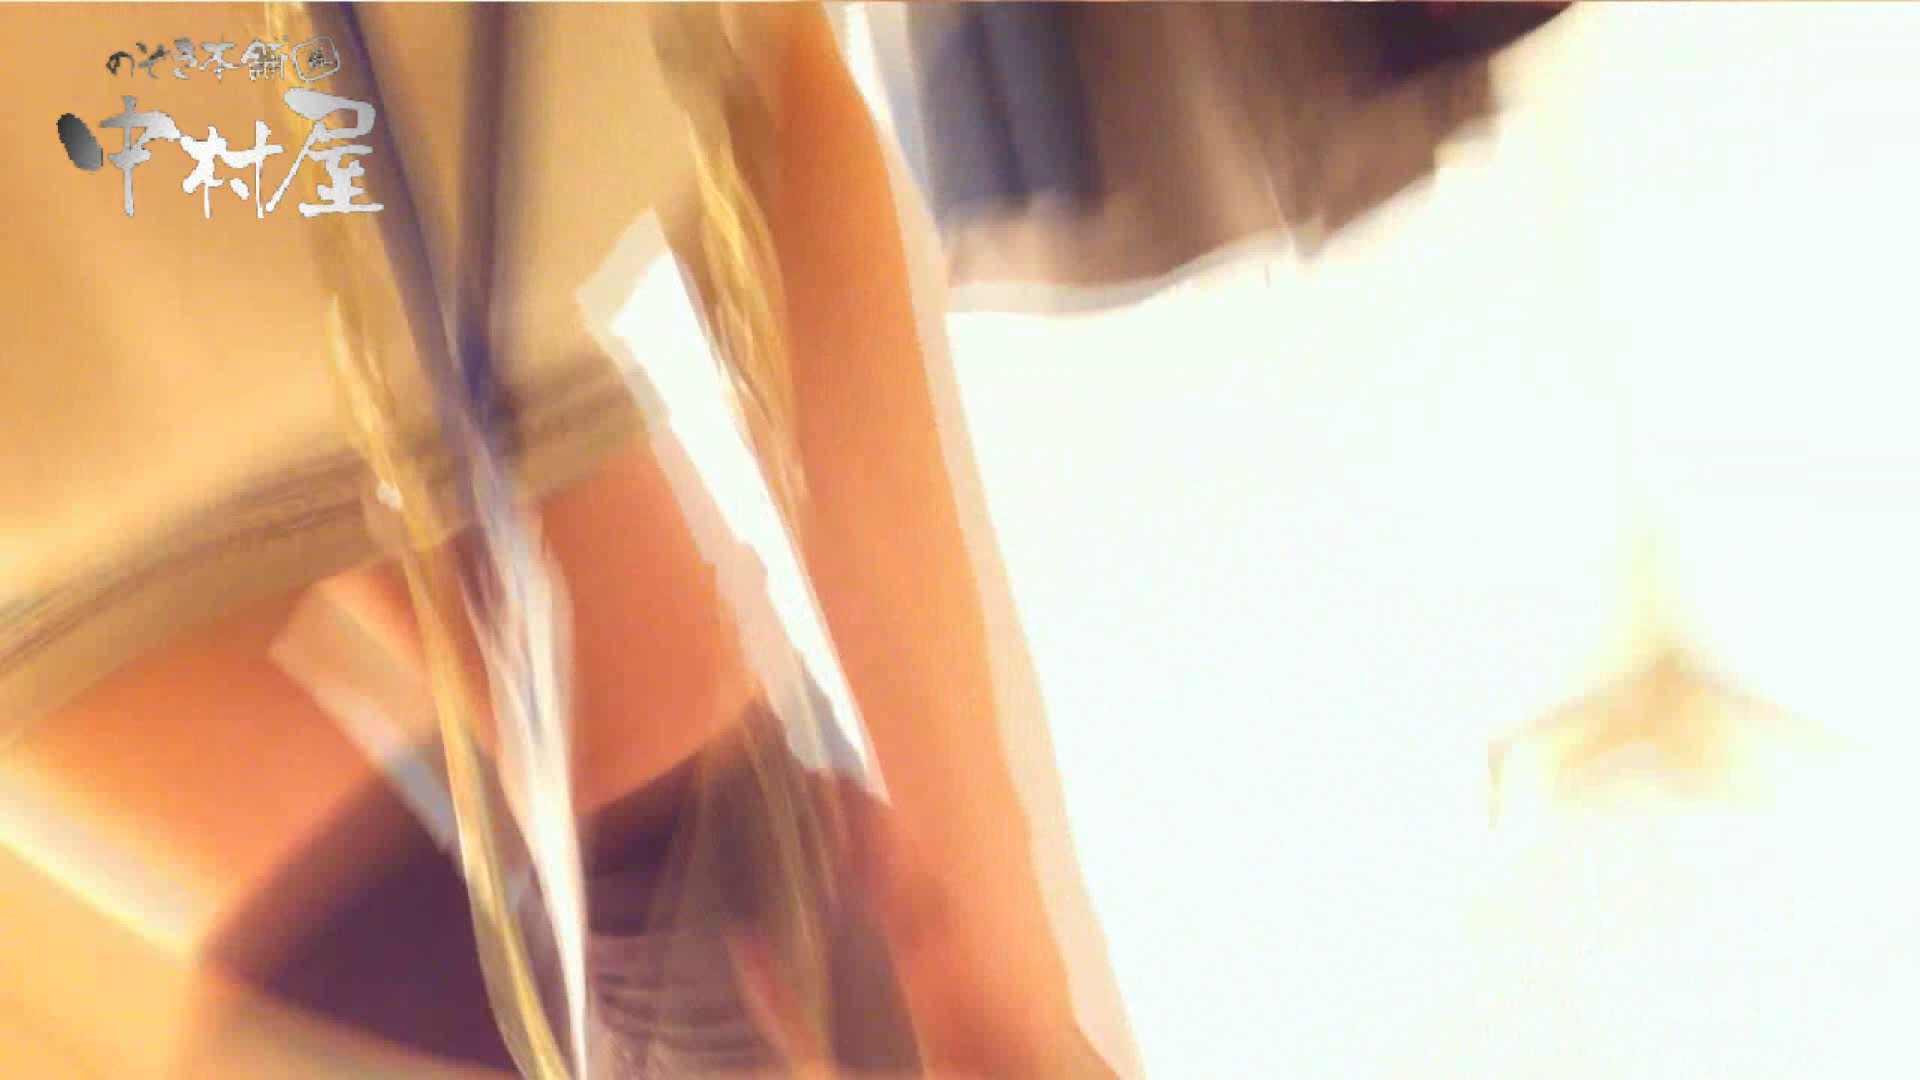 vol.52 美人アパレル胸チラ&パンチラ おとなしそうな店員の胸元にアタック! OLセックス | パンチラ  86画像 81